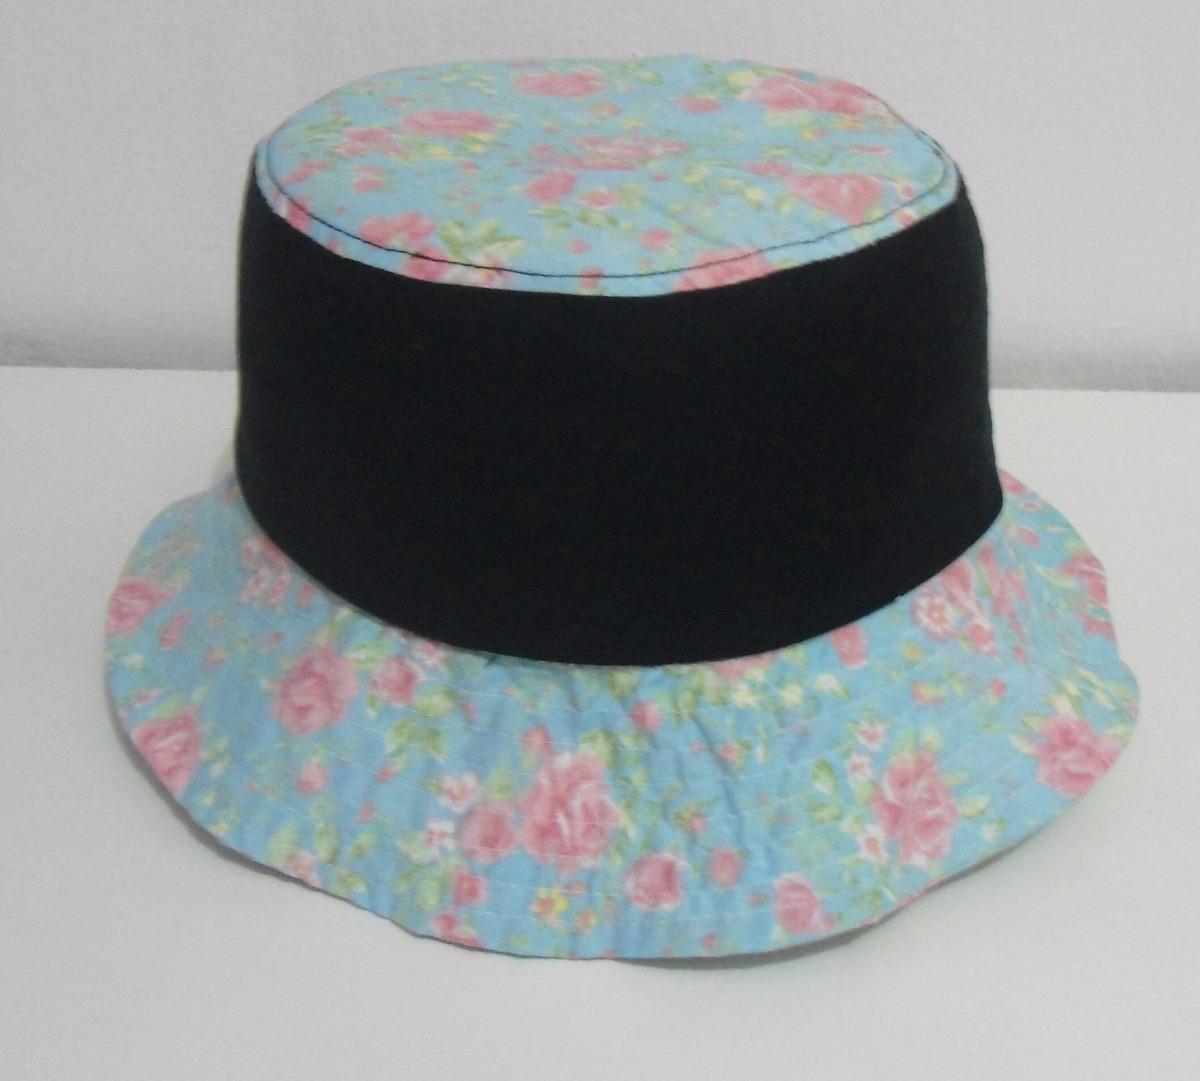 Chapéu bucket hat swag cris brown preto colorido floral moda carregando  zoom jpg 1200x1081 Bucket hat 3ba012b78d51